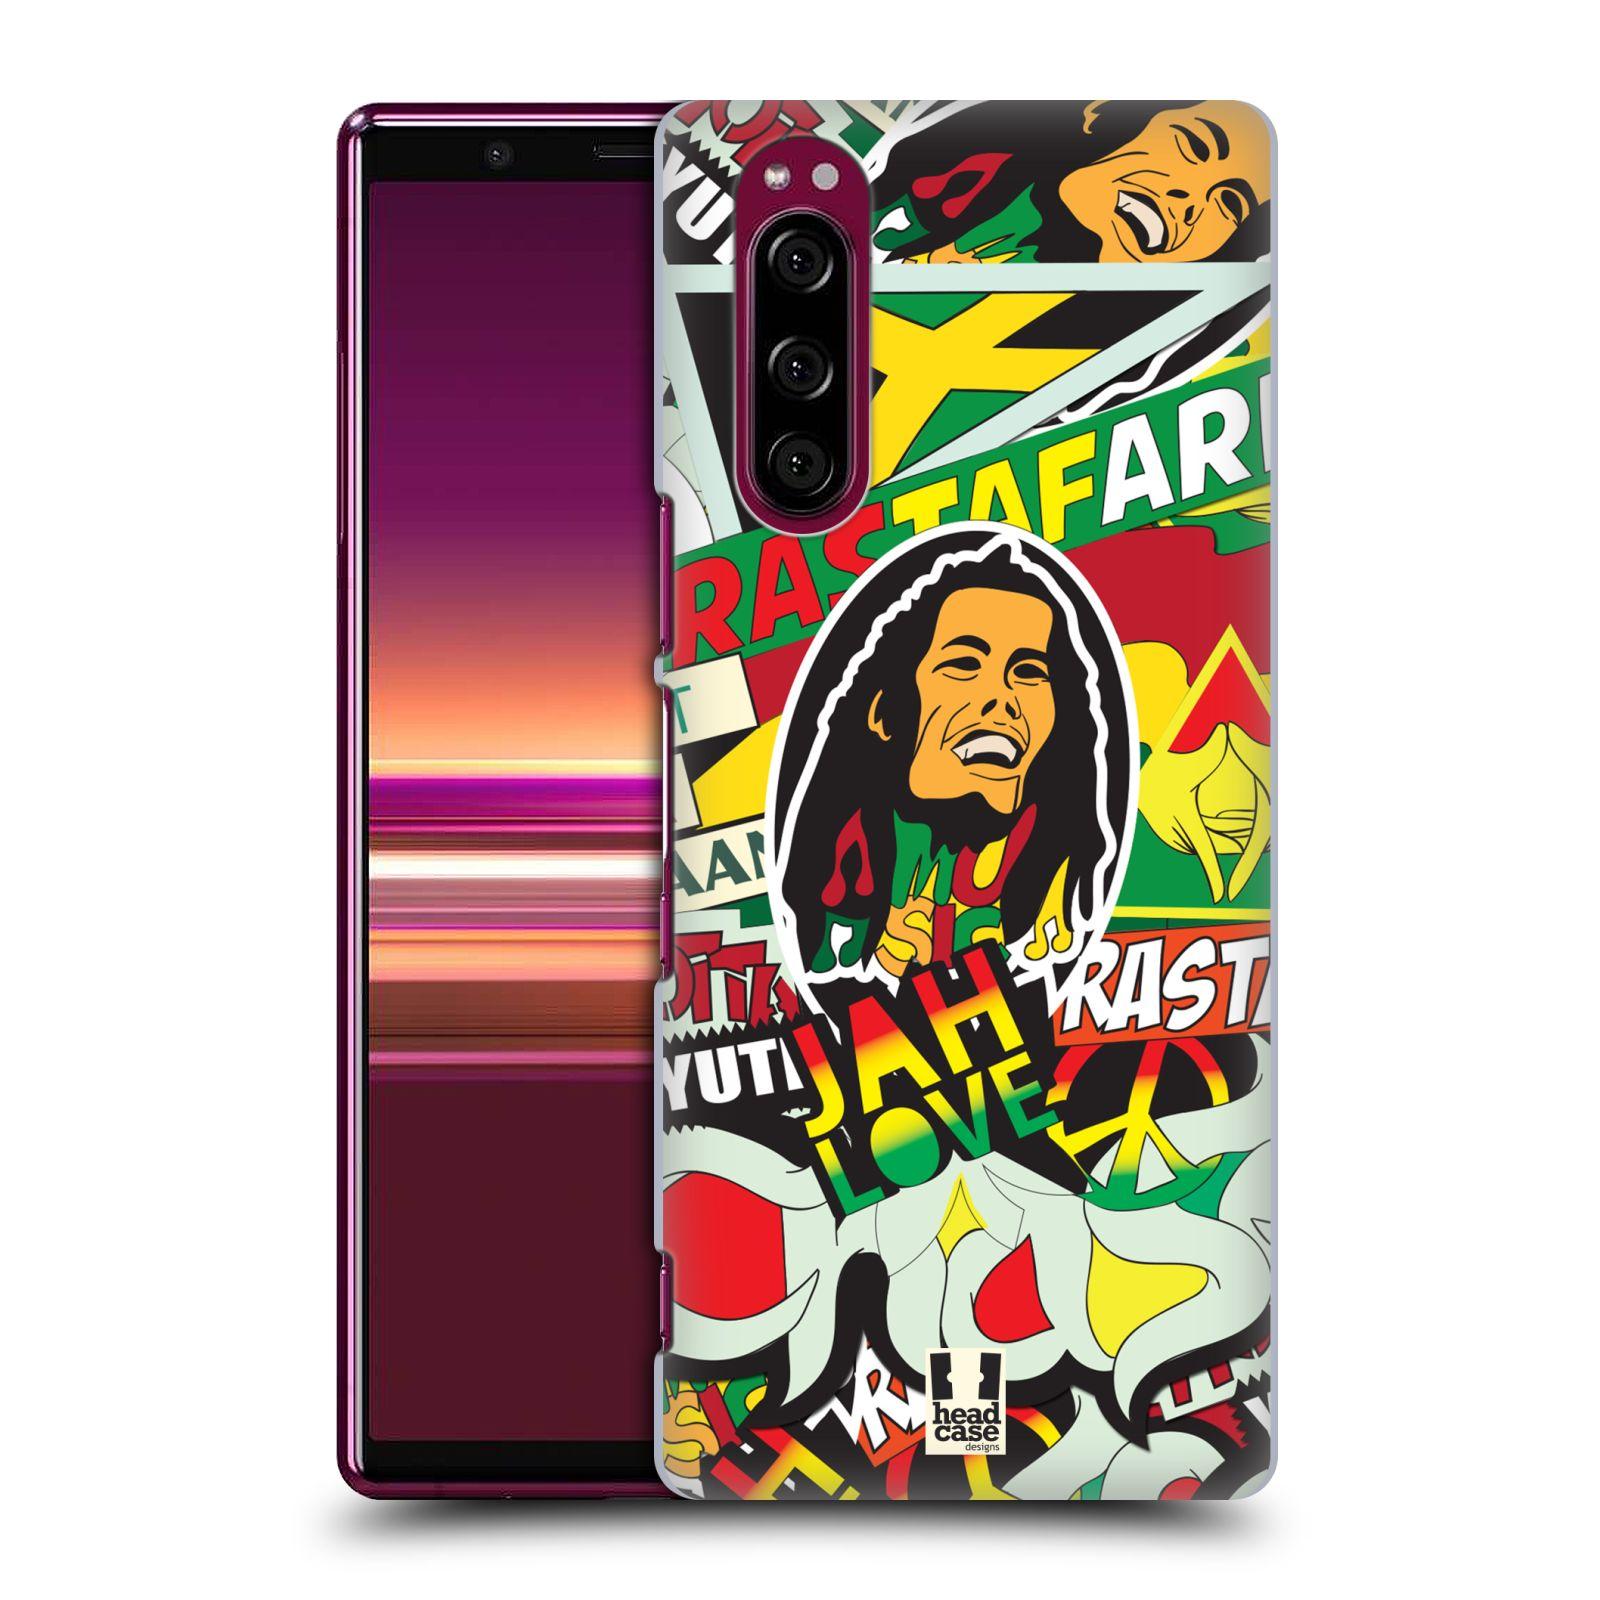 Plastové pouzdro na mobil Sony Xperia 5 - Head Case - RASTA (Plastový kryt, pouzdro, obal na mobilní telefon Sony Xperia 5 Dual SIM (J9210) s motivem RASTA )